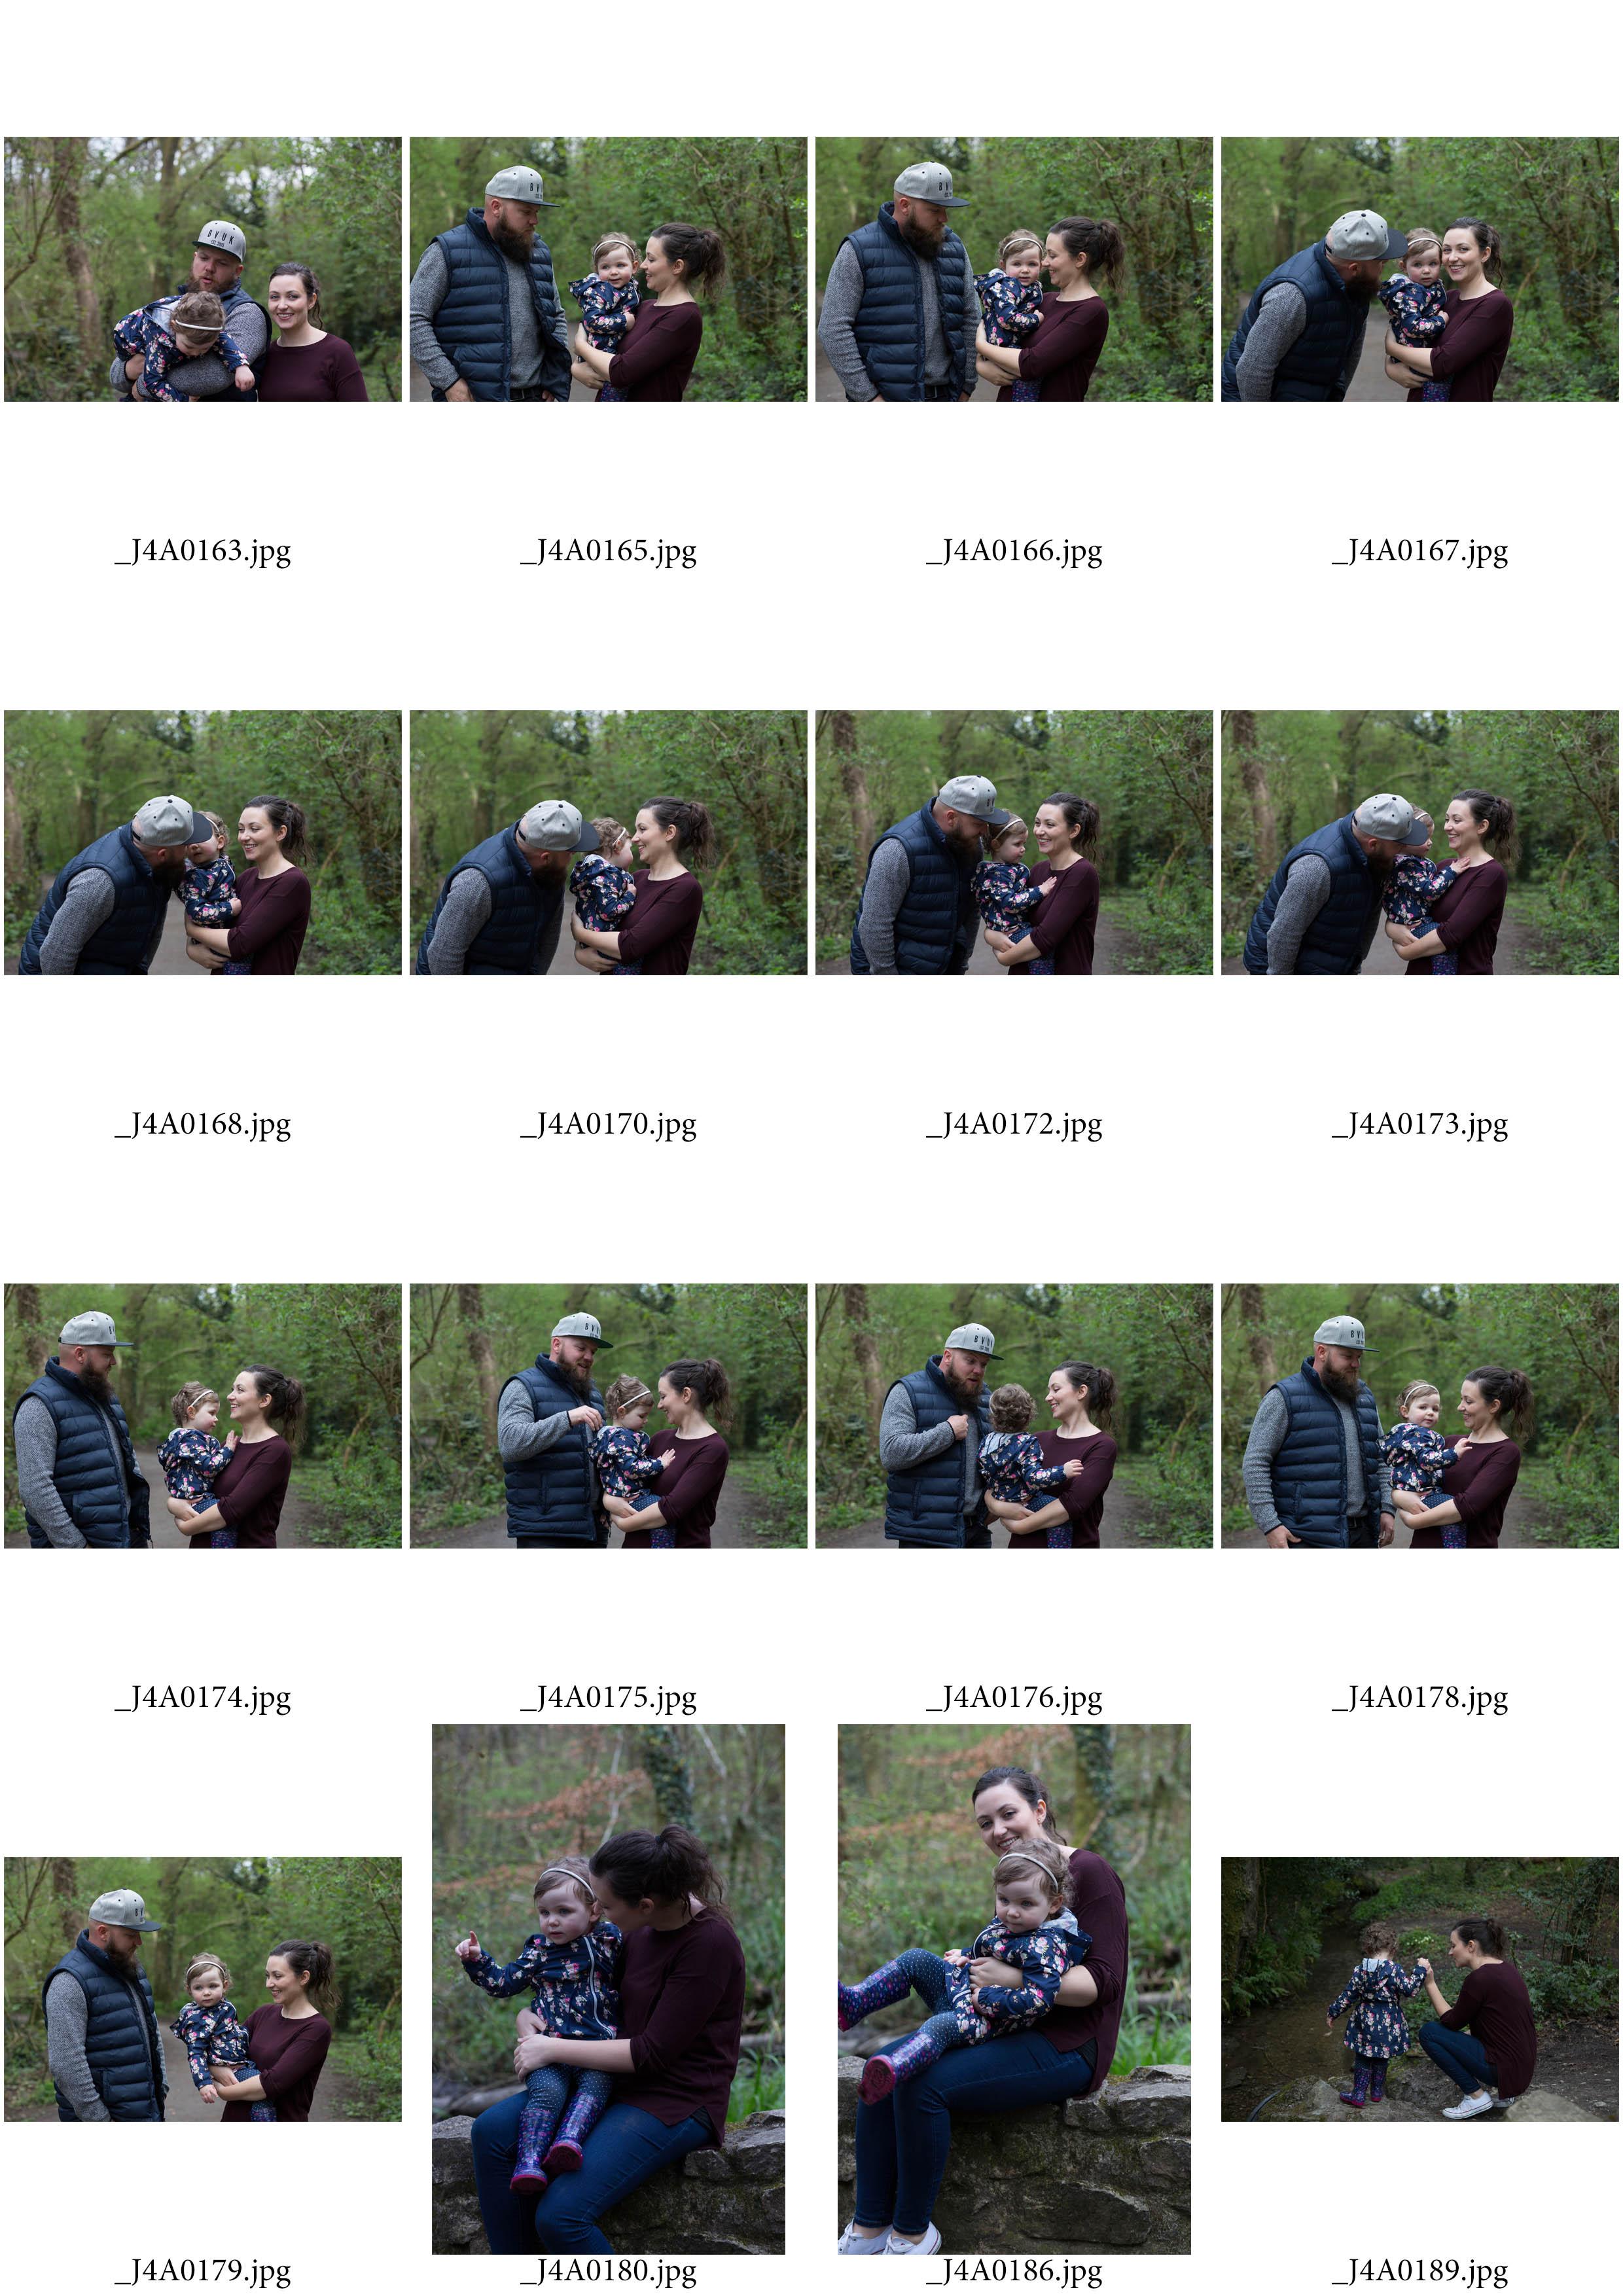 ContactSheet-007 copy.jpg